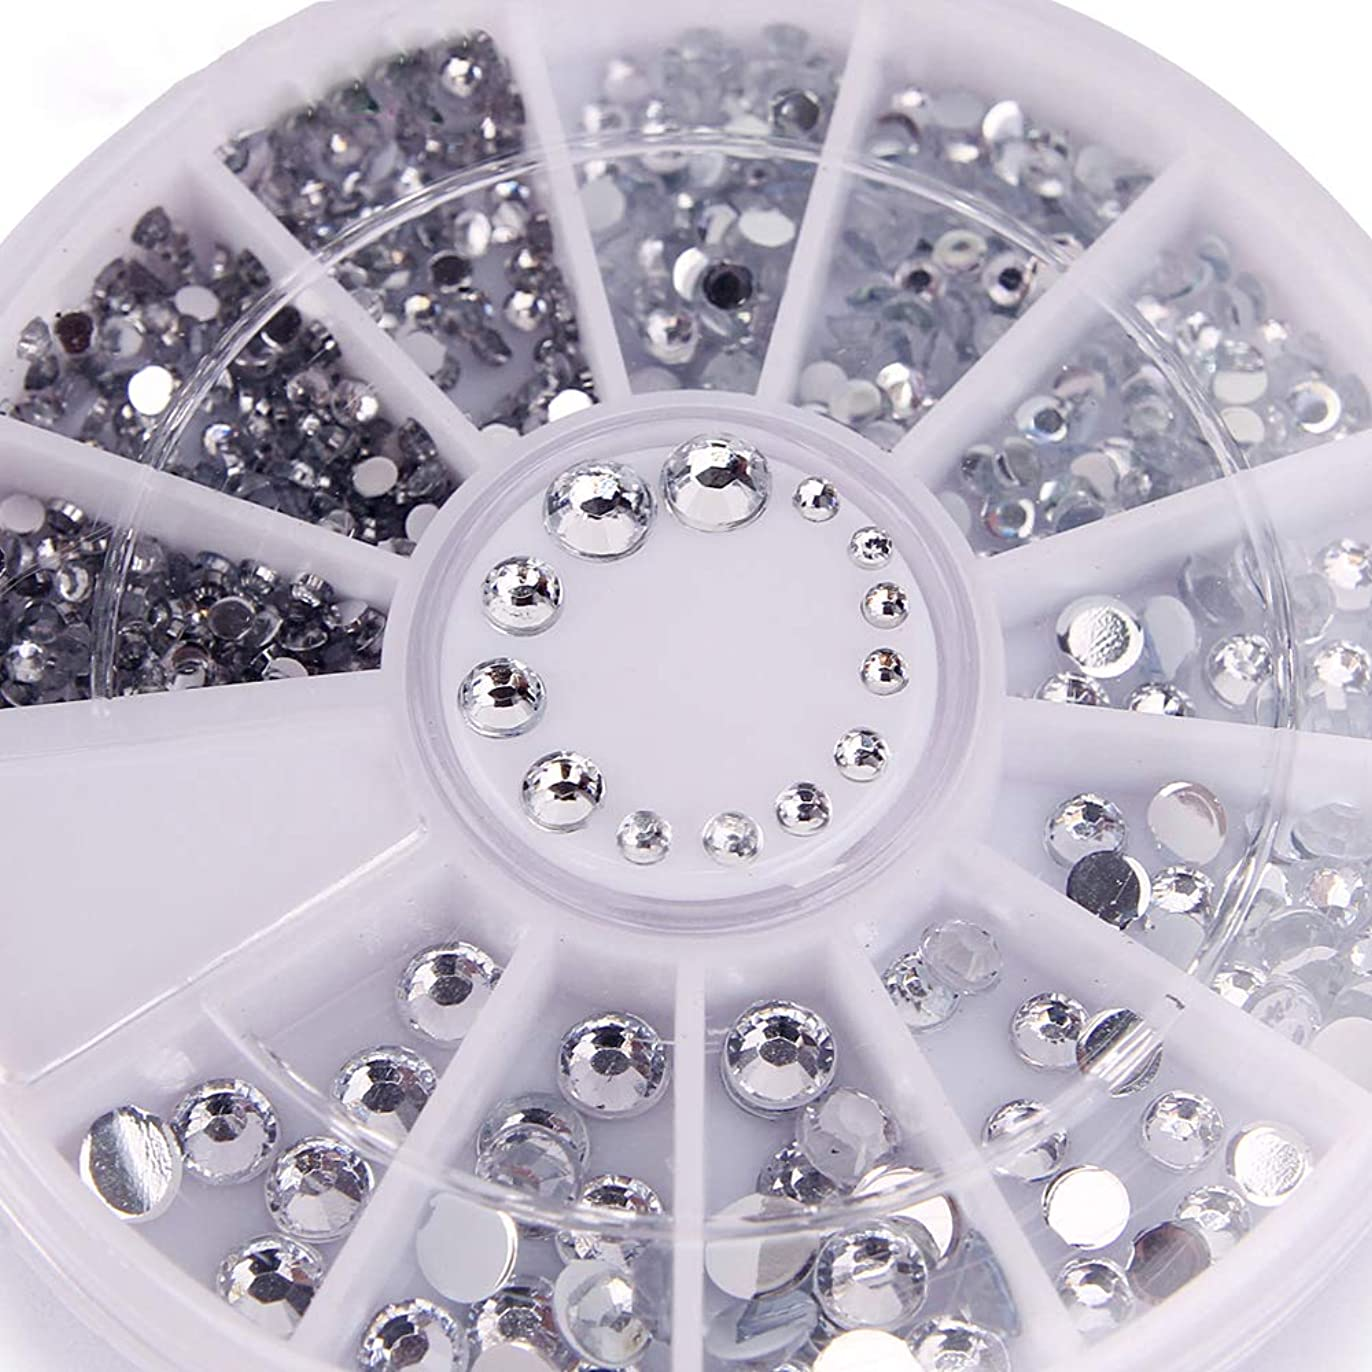 後ろ、背後、背面(部答え供給400個ネイルラインストーンミックスシルバーラウンドダイヤモンド形状1.2mm/2mm/3mm/4mm 3DネイルデコレーションアクリルUVジェル